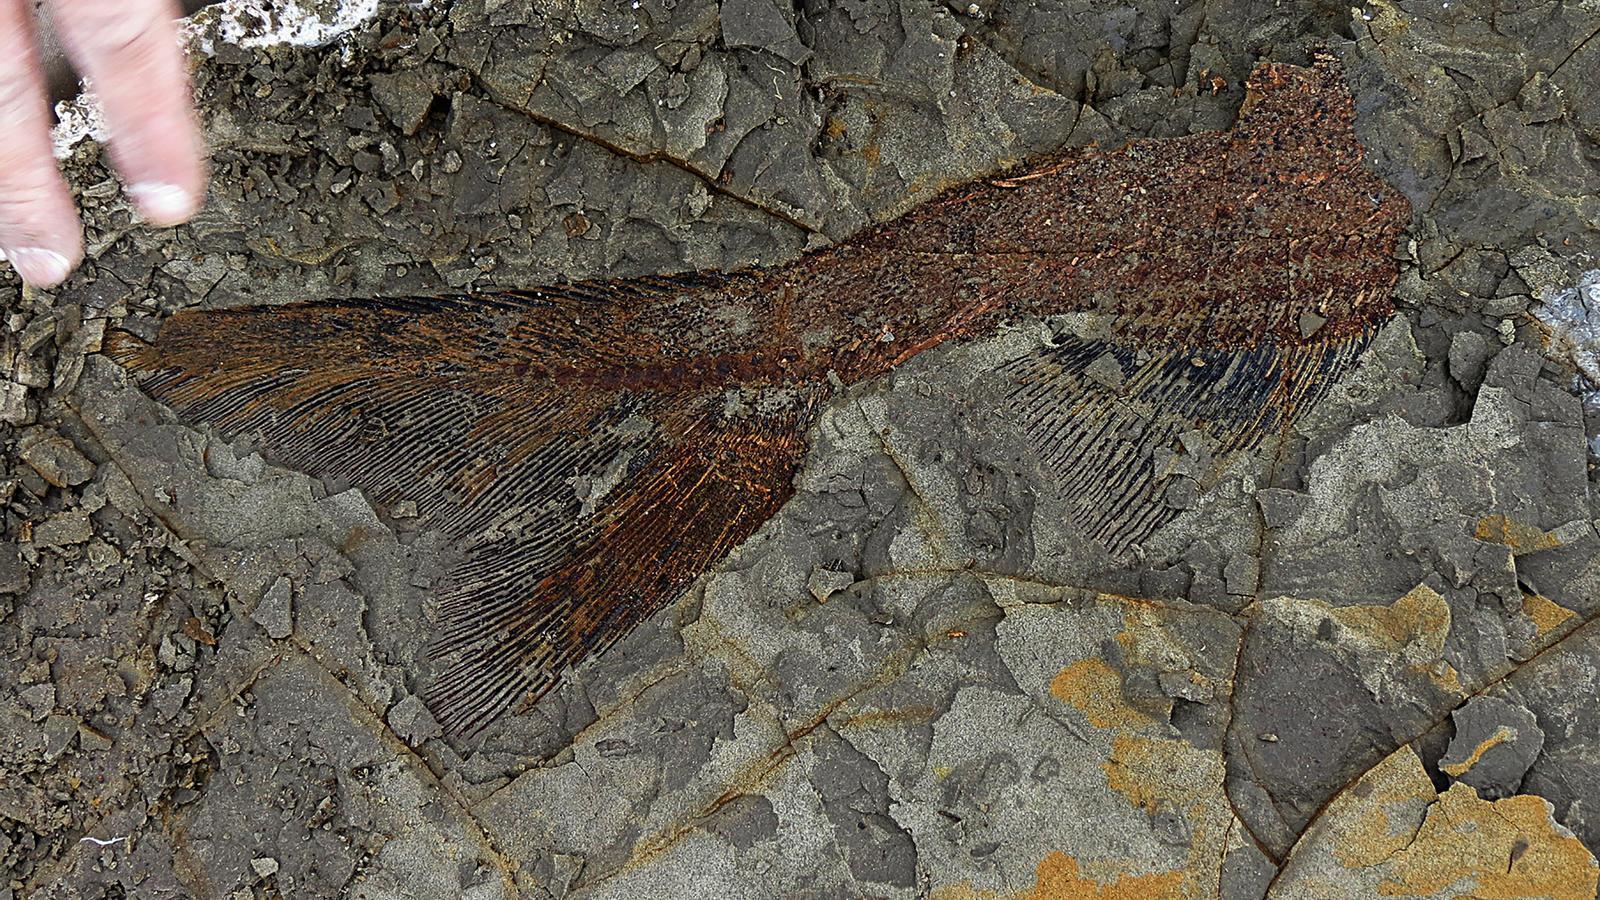 Captura de part d'un fòssil d'un peix de fa 66 milions d'anys perfectament conservat descobert per l'equip de Robert DePalma